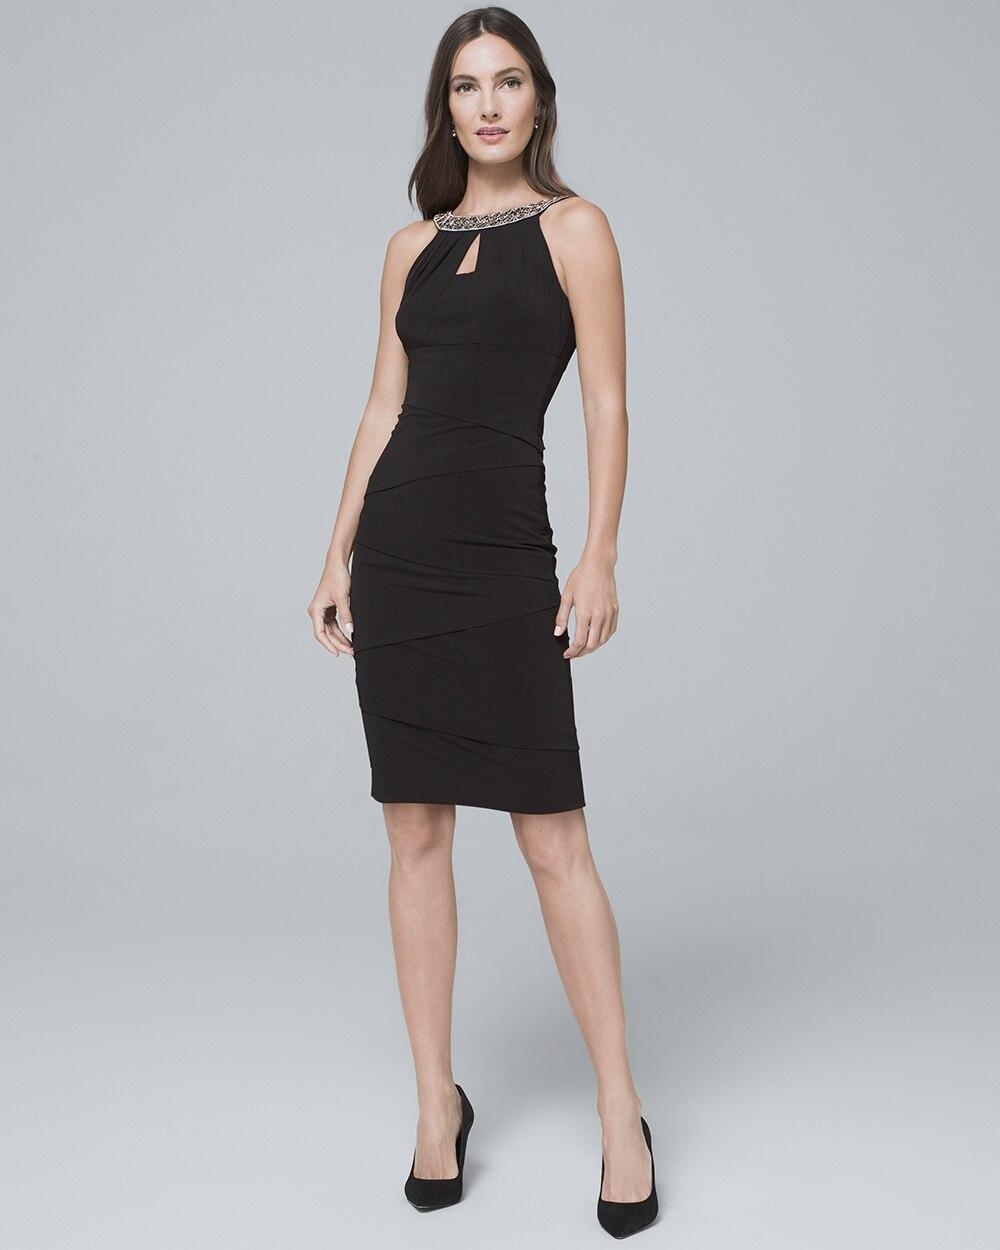 174fa5b6 Embellished-Neck Black Instantly Slimming Sheath Dress - White House Black  Market